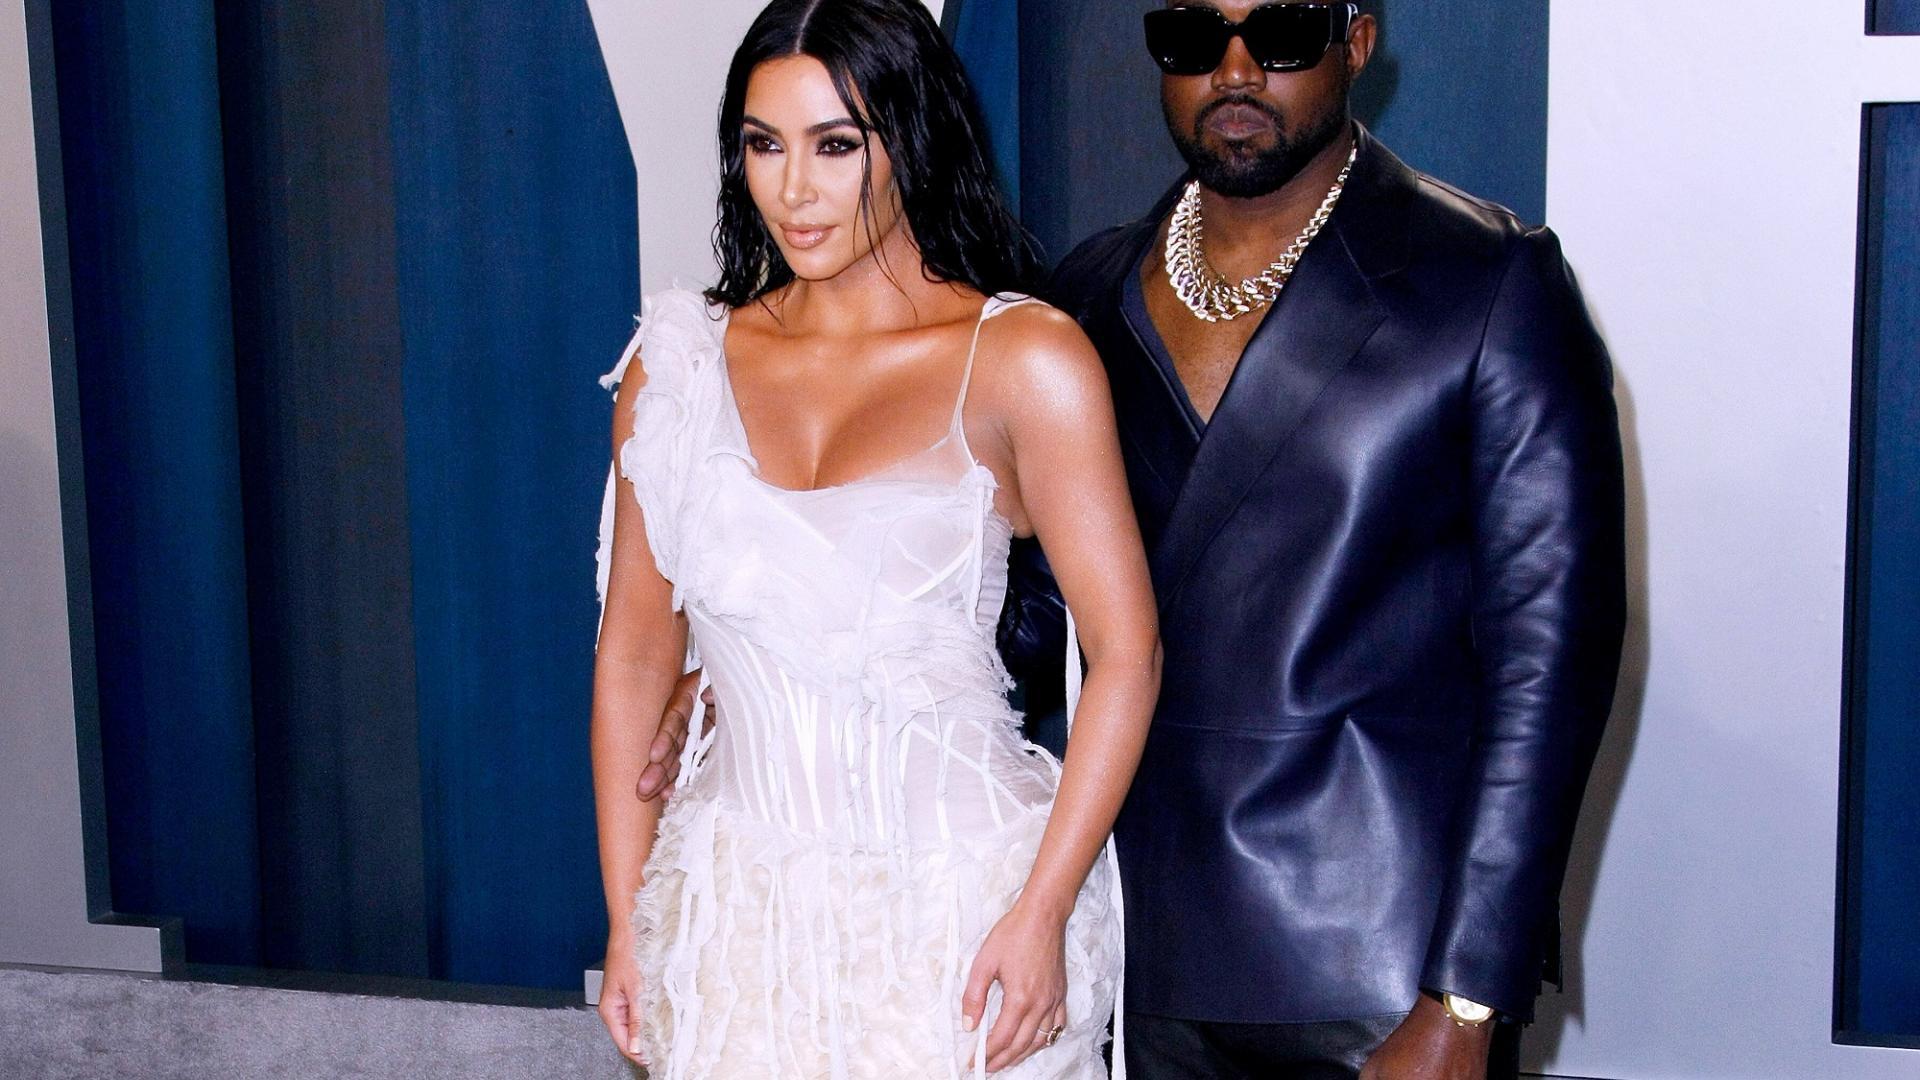 Kim Kanye Beauty Label yeezy